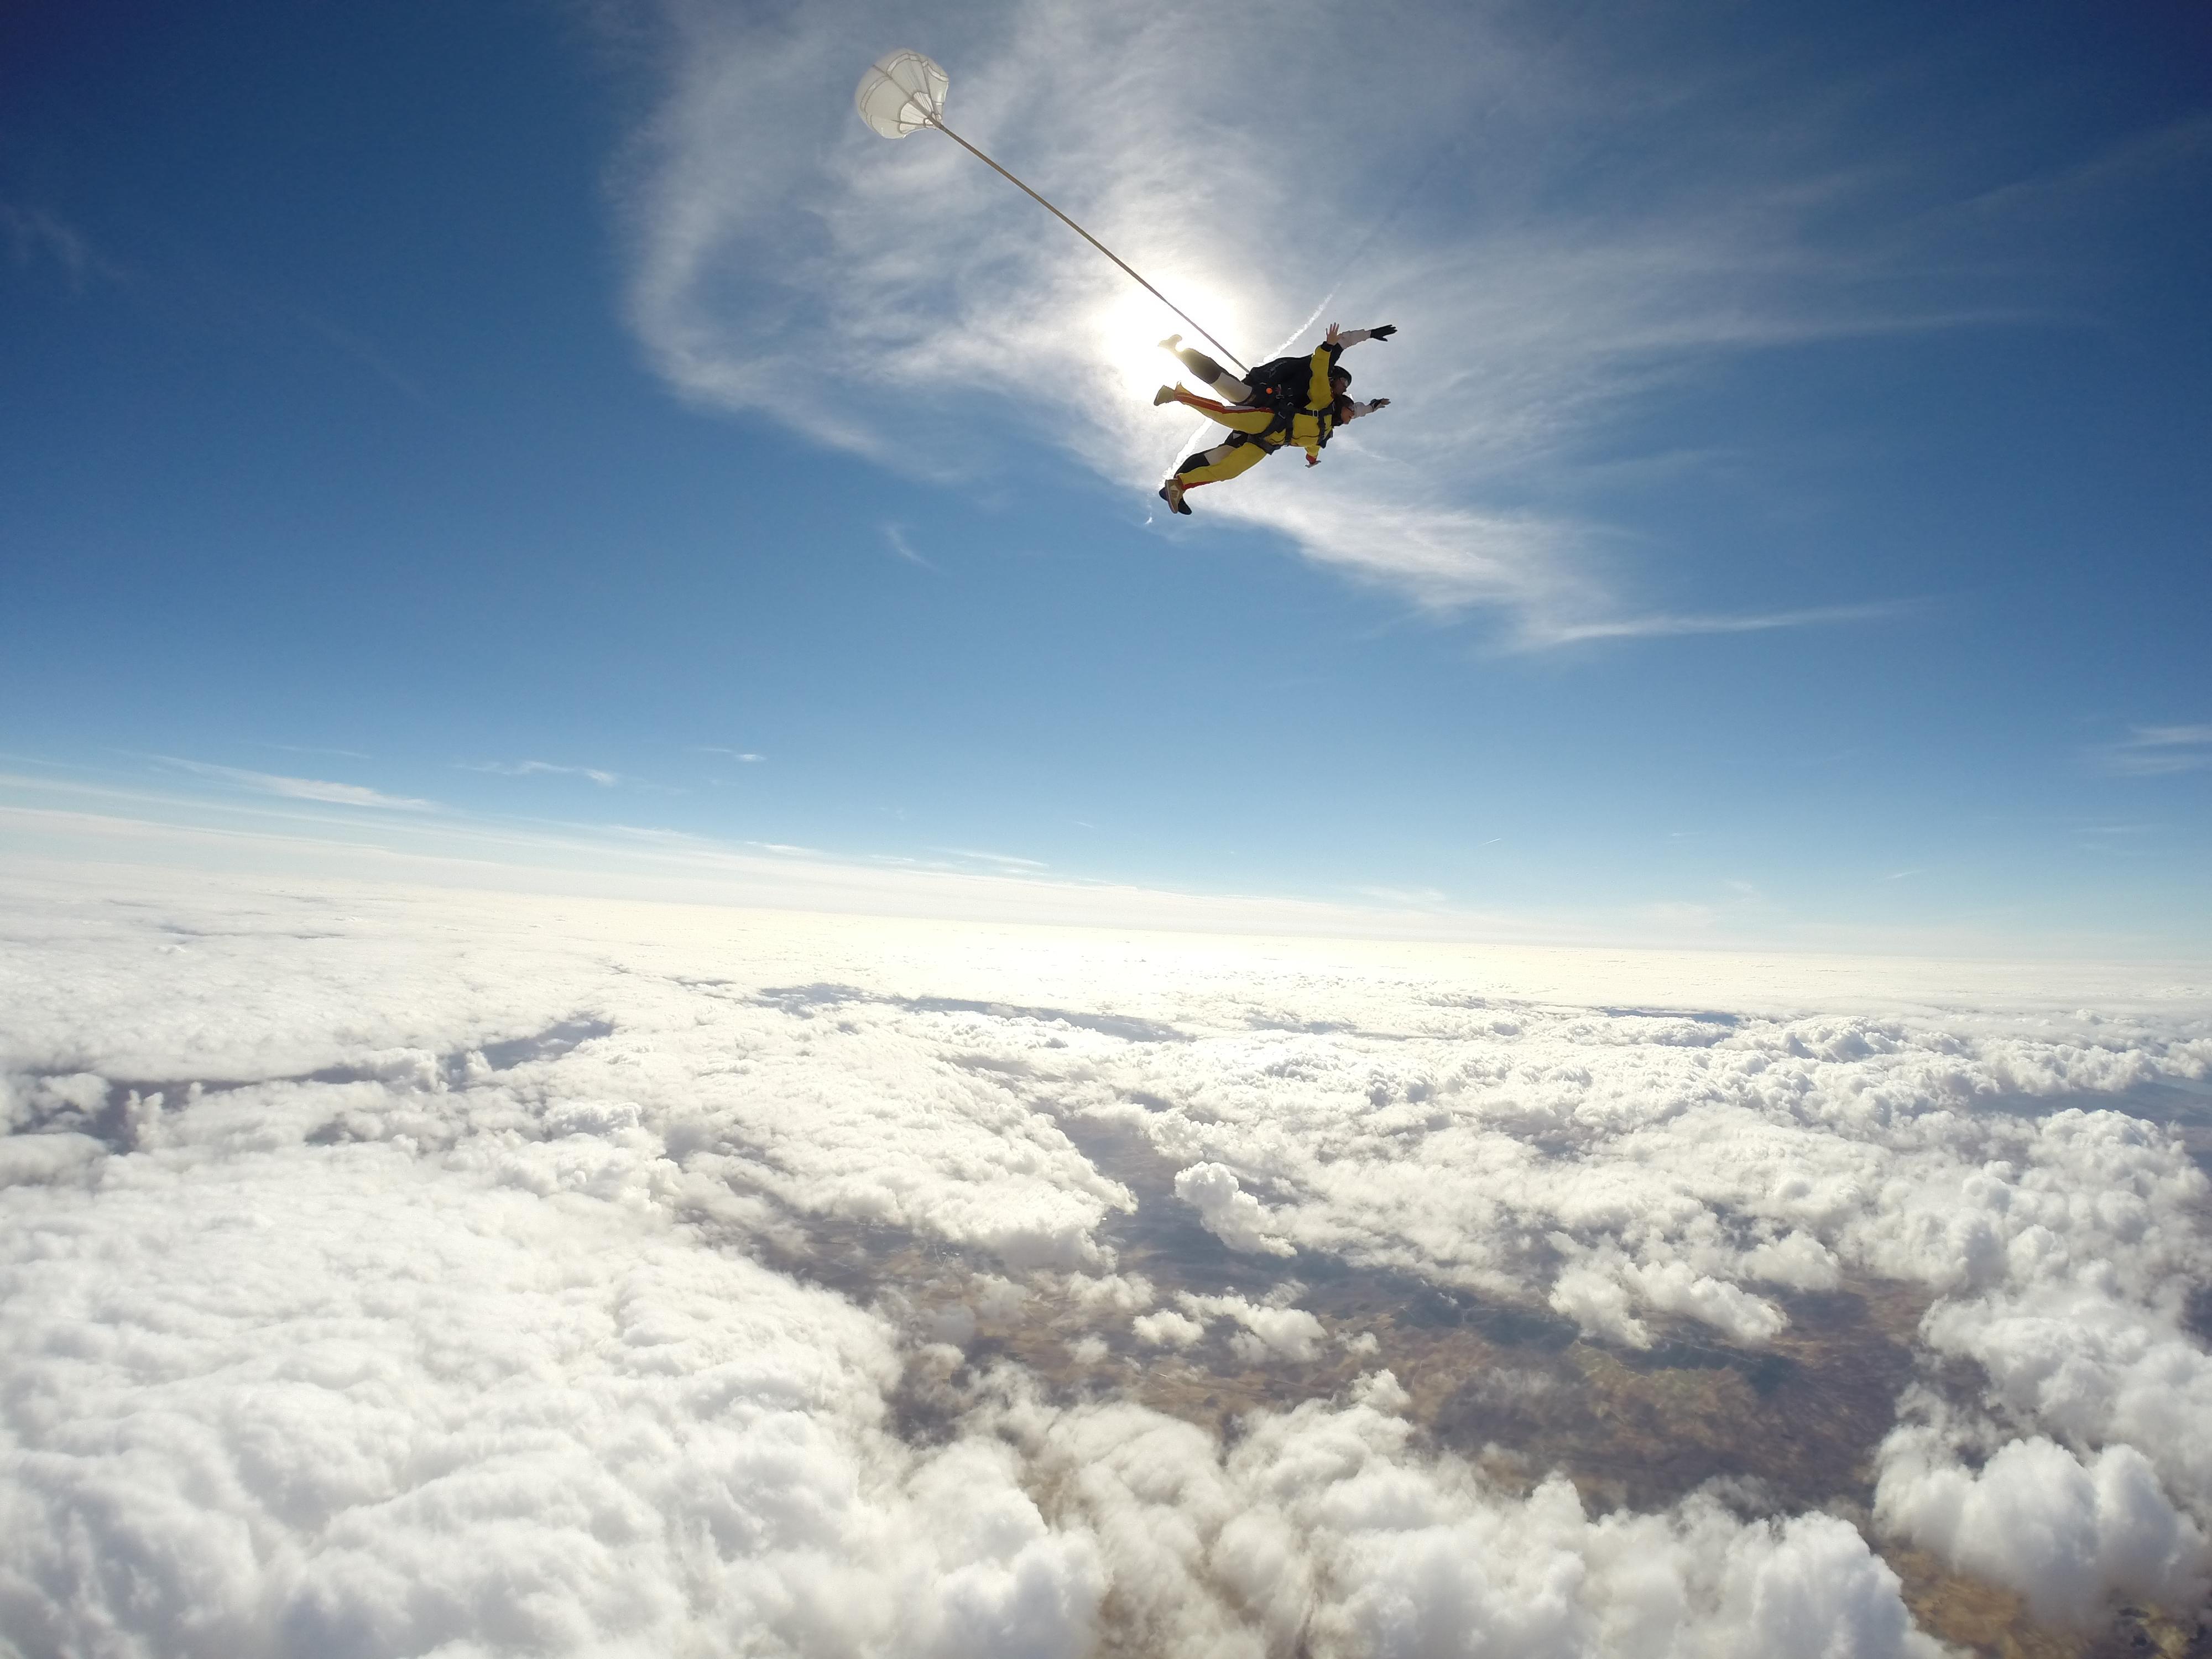 Salto En Paraca 237 Das Liveyourlife By Mustang La Reina